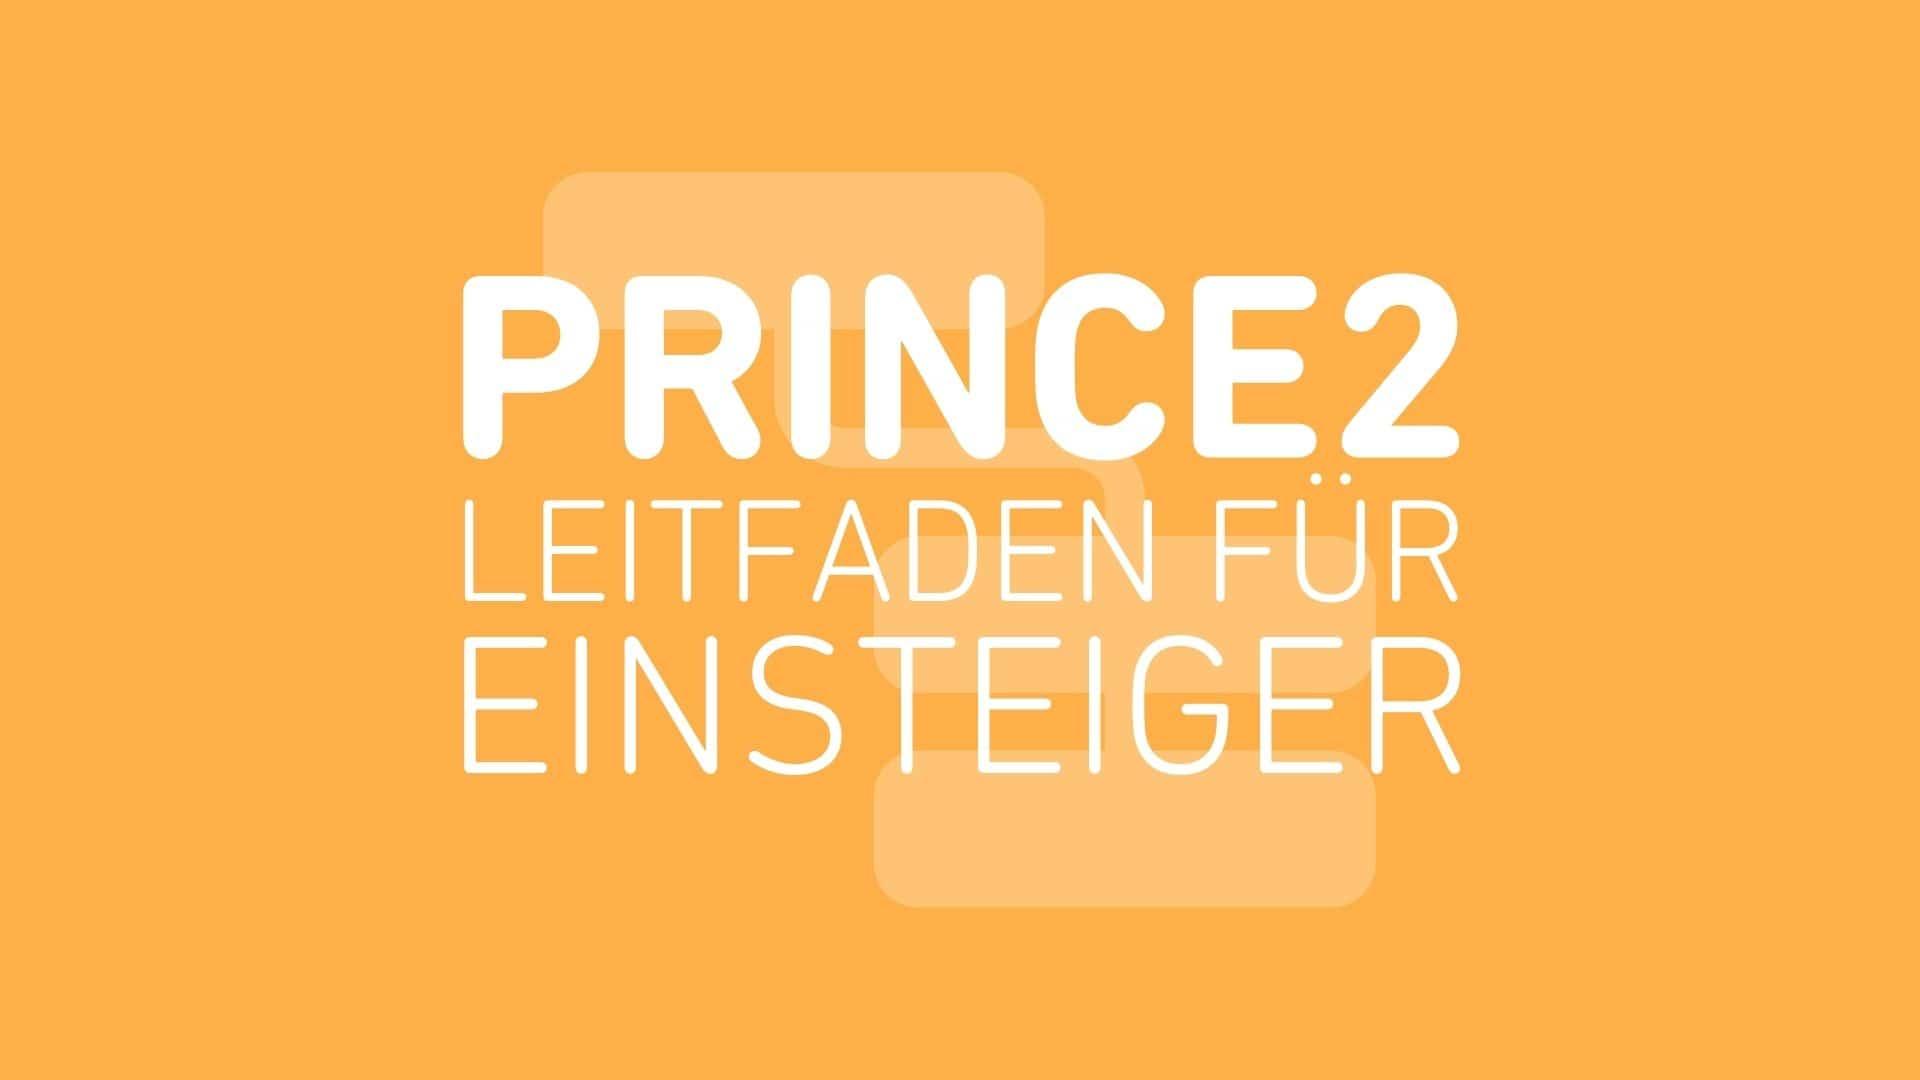 prince2 leitfaden